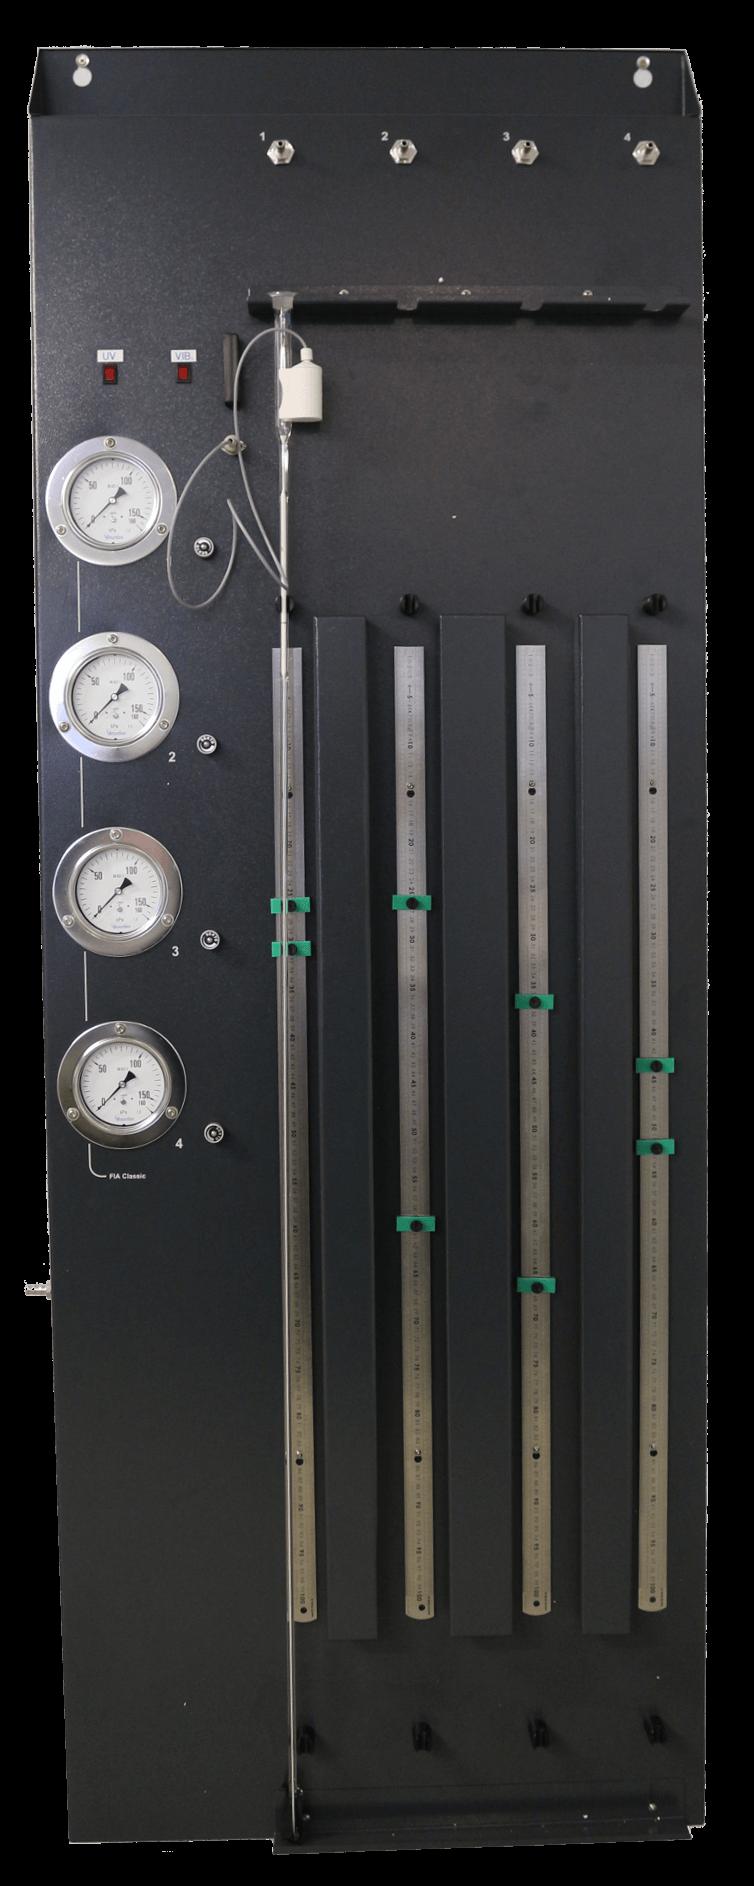 Thiết bị xác định chất thơm và Olefin bằng sắc ký cột huỳnh quang theo ASTM D1319-  Normalab FIA